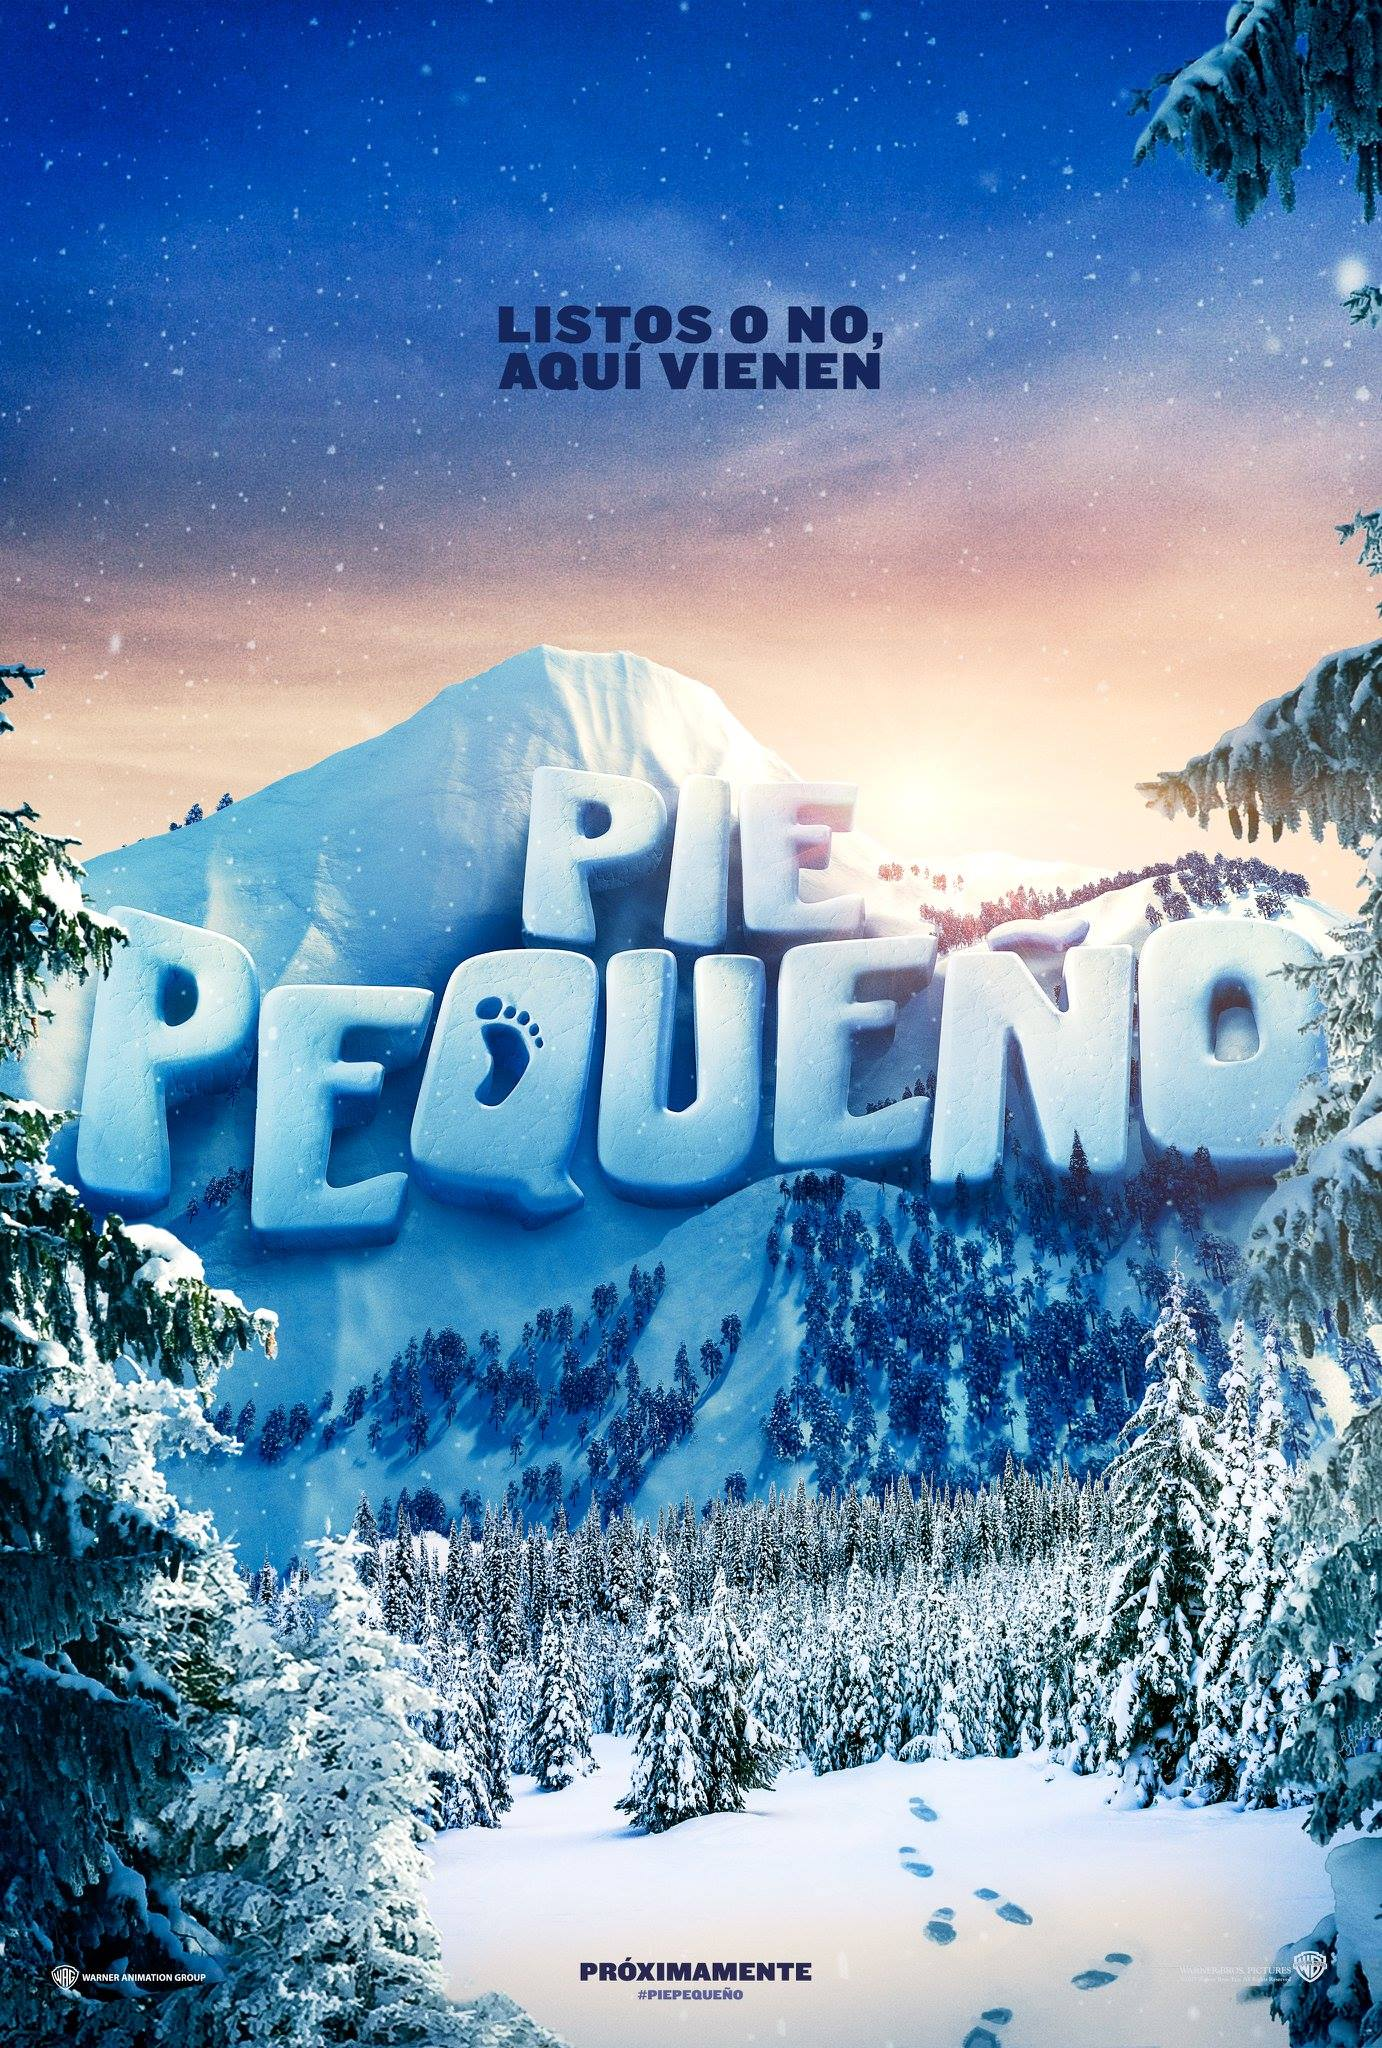 Photo of 'Pie pequeño' en Cinemark